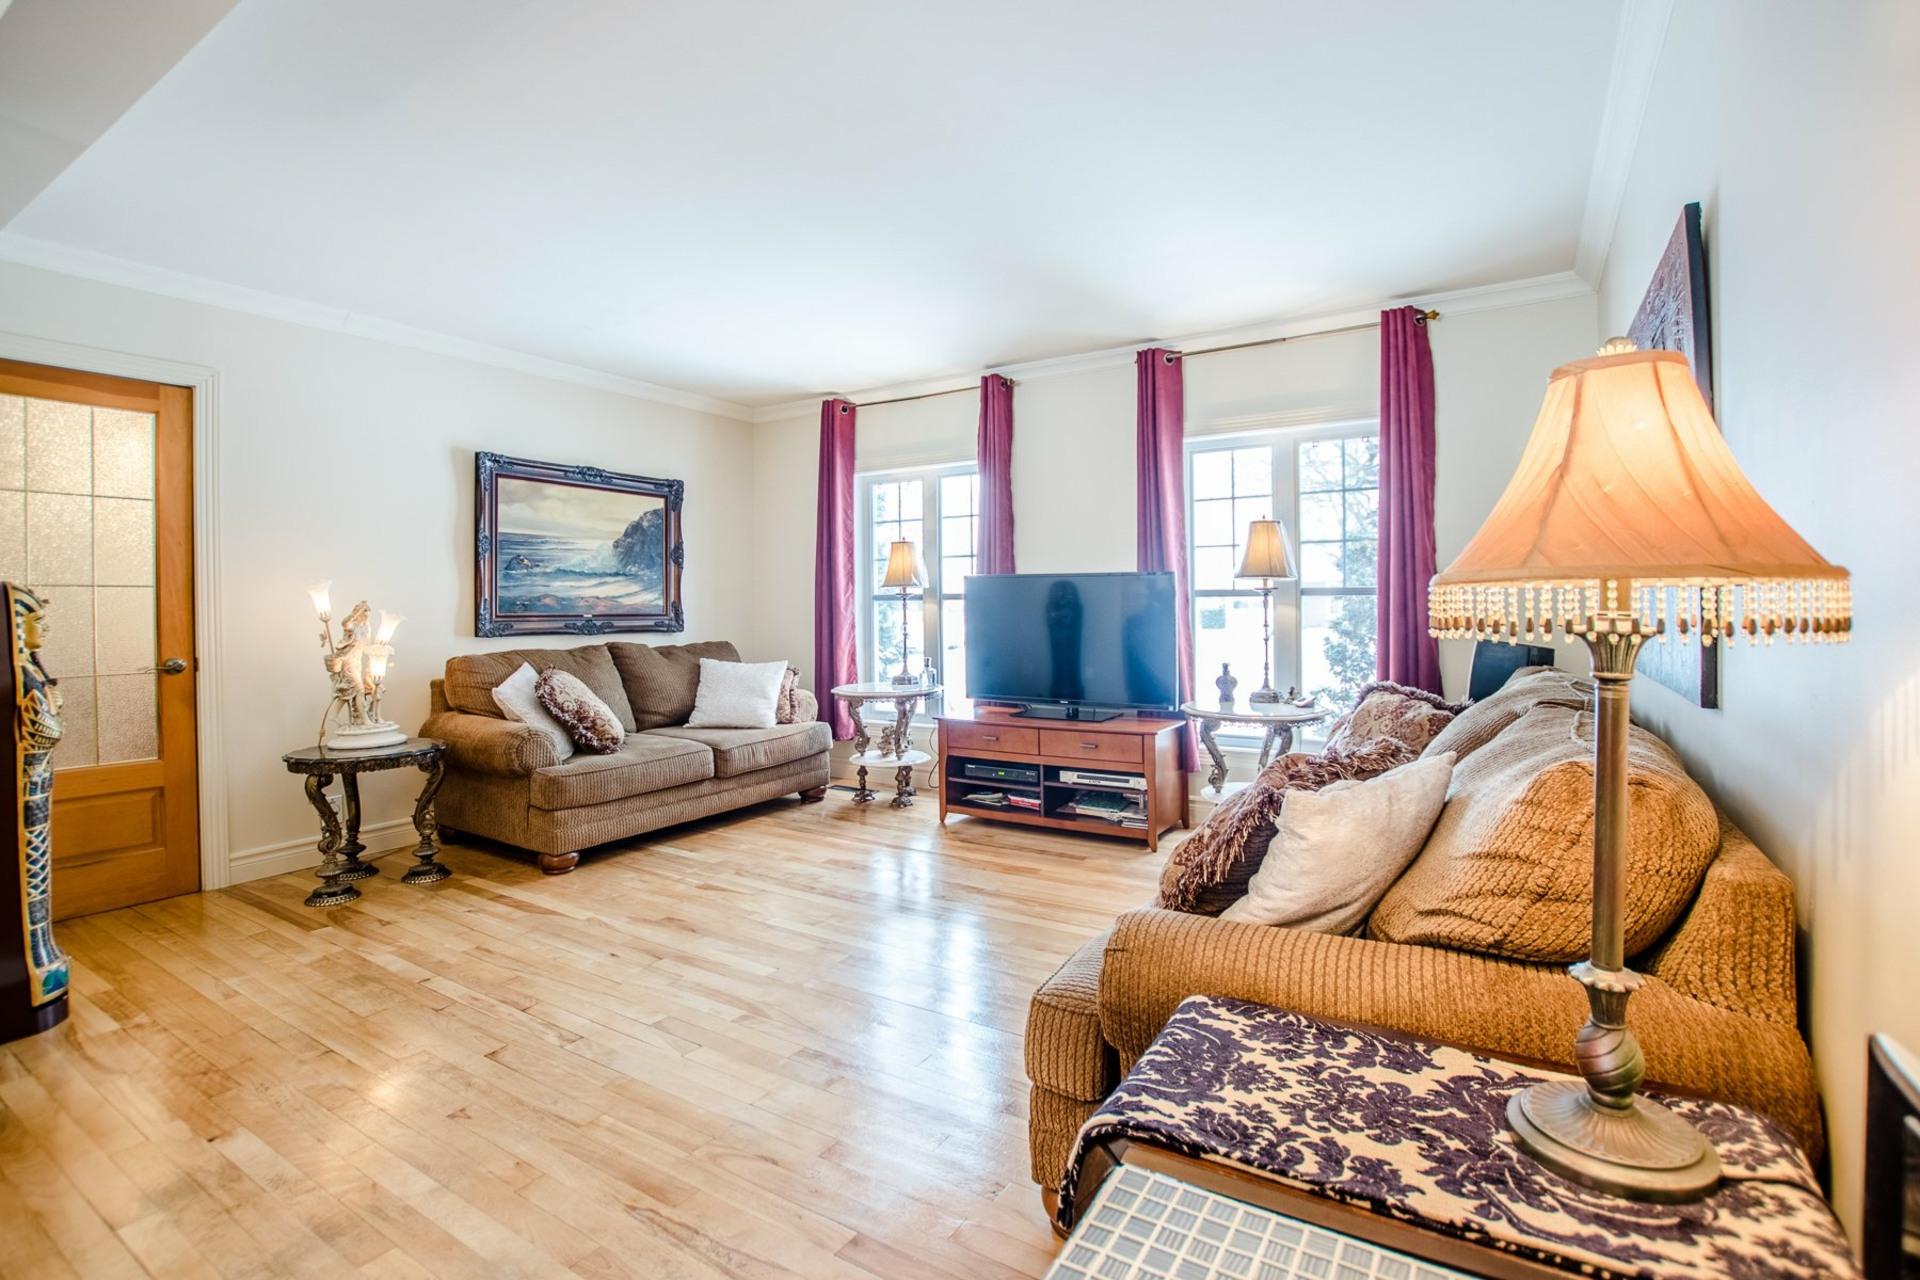 image 3 - Maison À vendre Châteauguay - 9 pièces